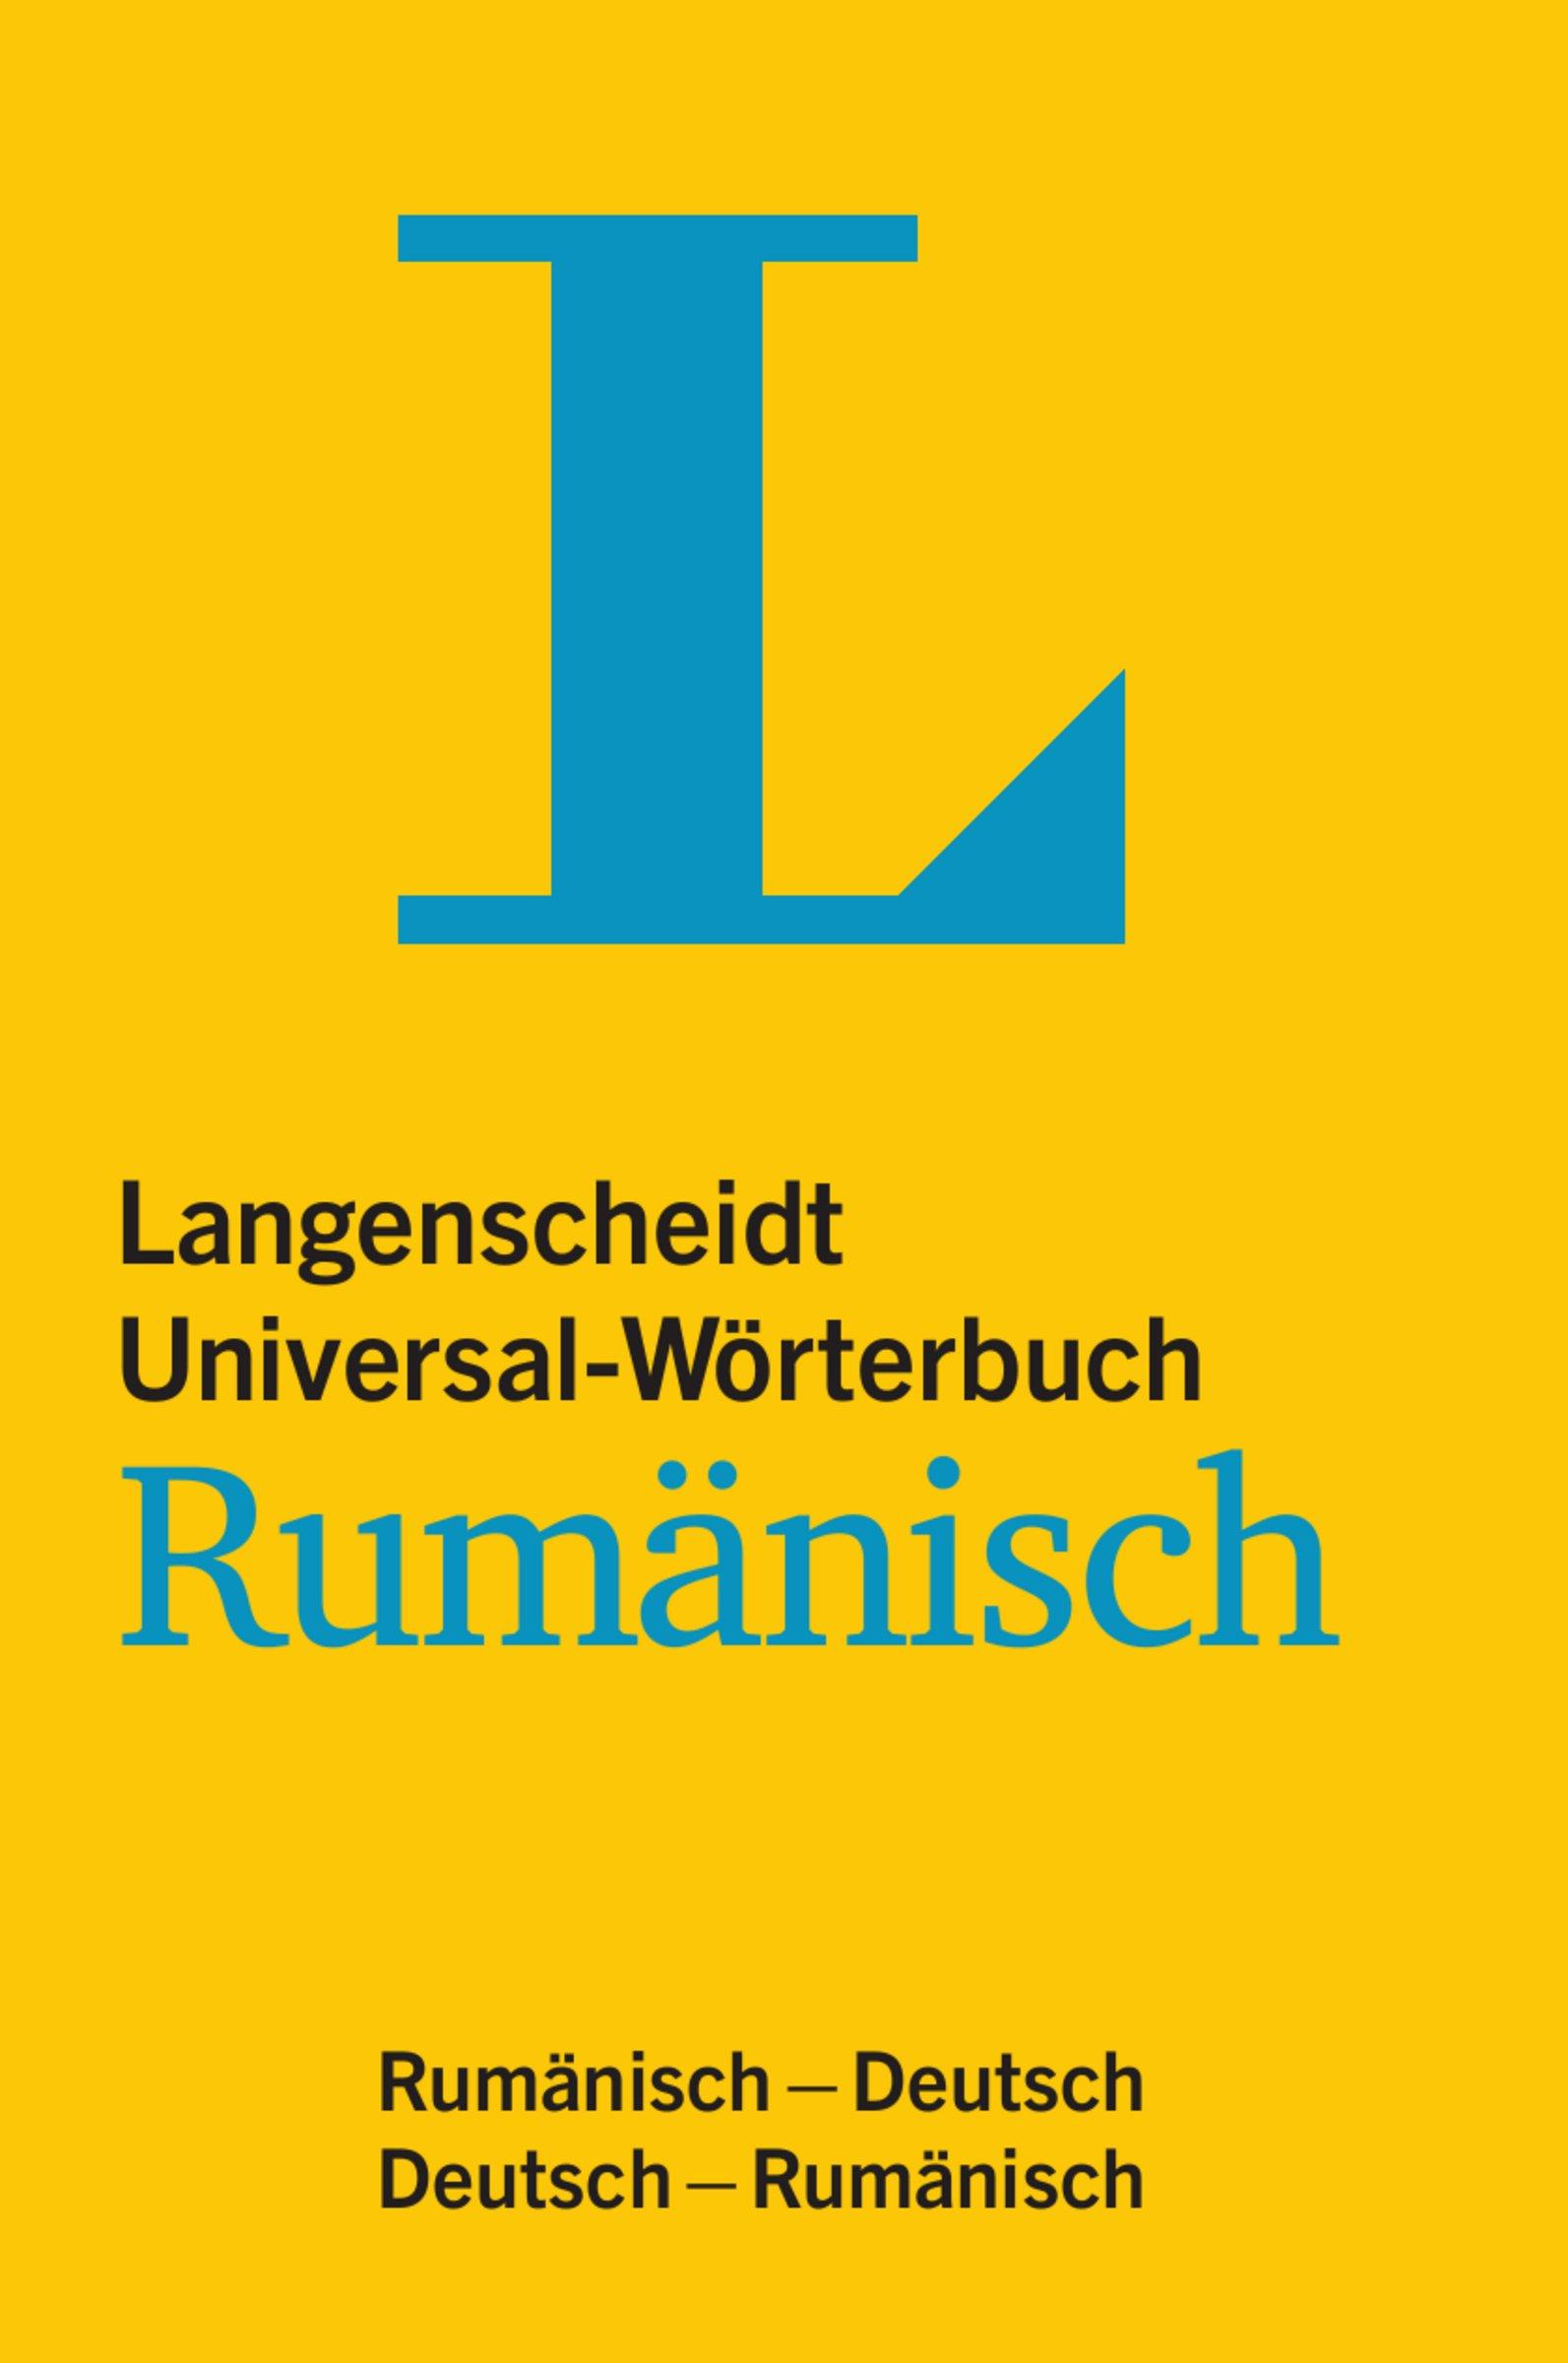 Langenscheidt Universal-Wörterbuch Rumänisch - mit Tipps für die Reise: Rumänisch-Deutsch/Deutsch-Rumänisch (Langenscheidt Universal-Wörterbücher)